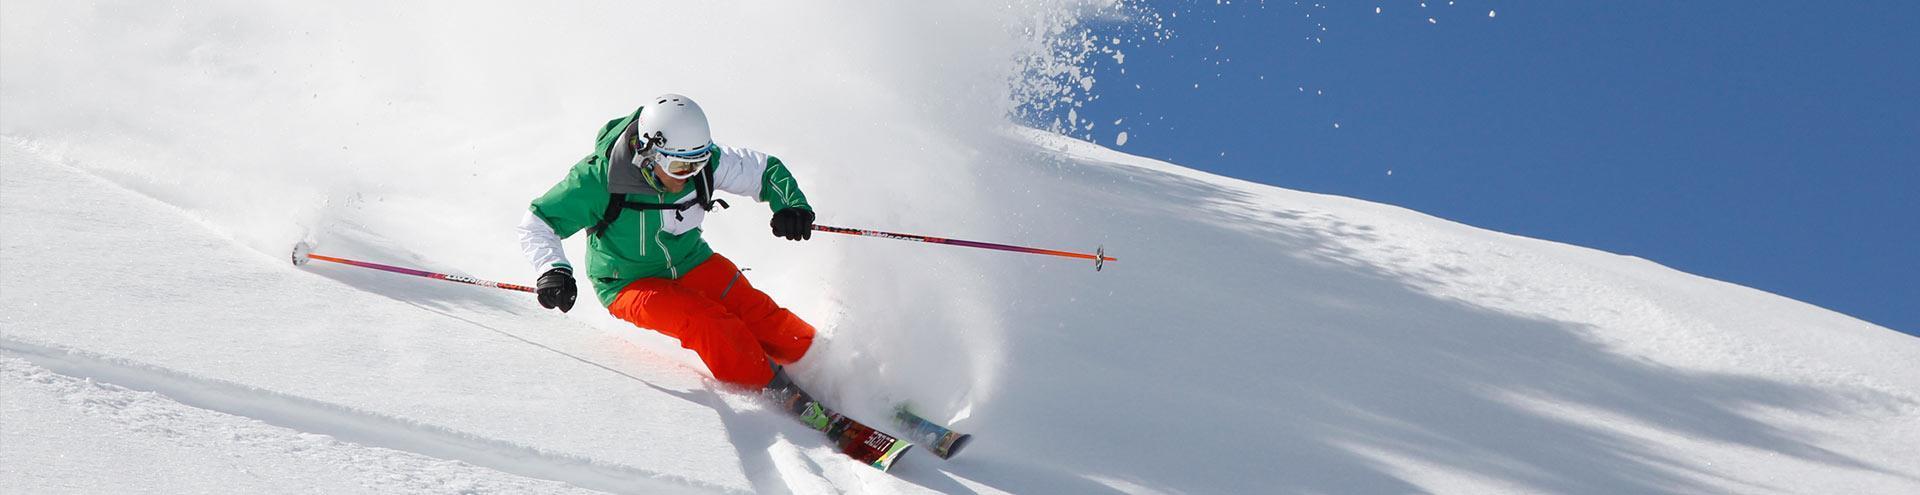 Skigebiete sulden trafoi winterurlaub im vinschgau for Designhotel skifahren